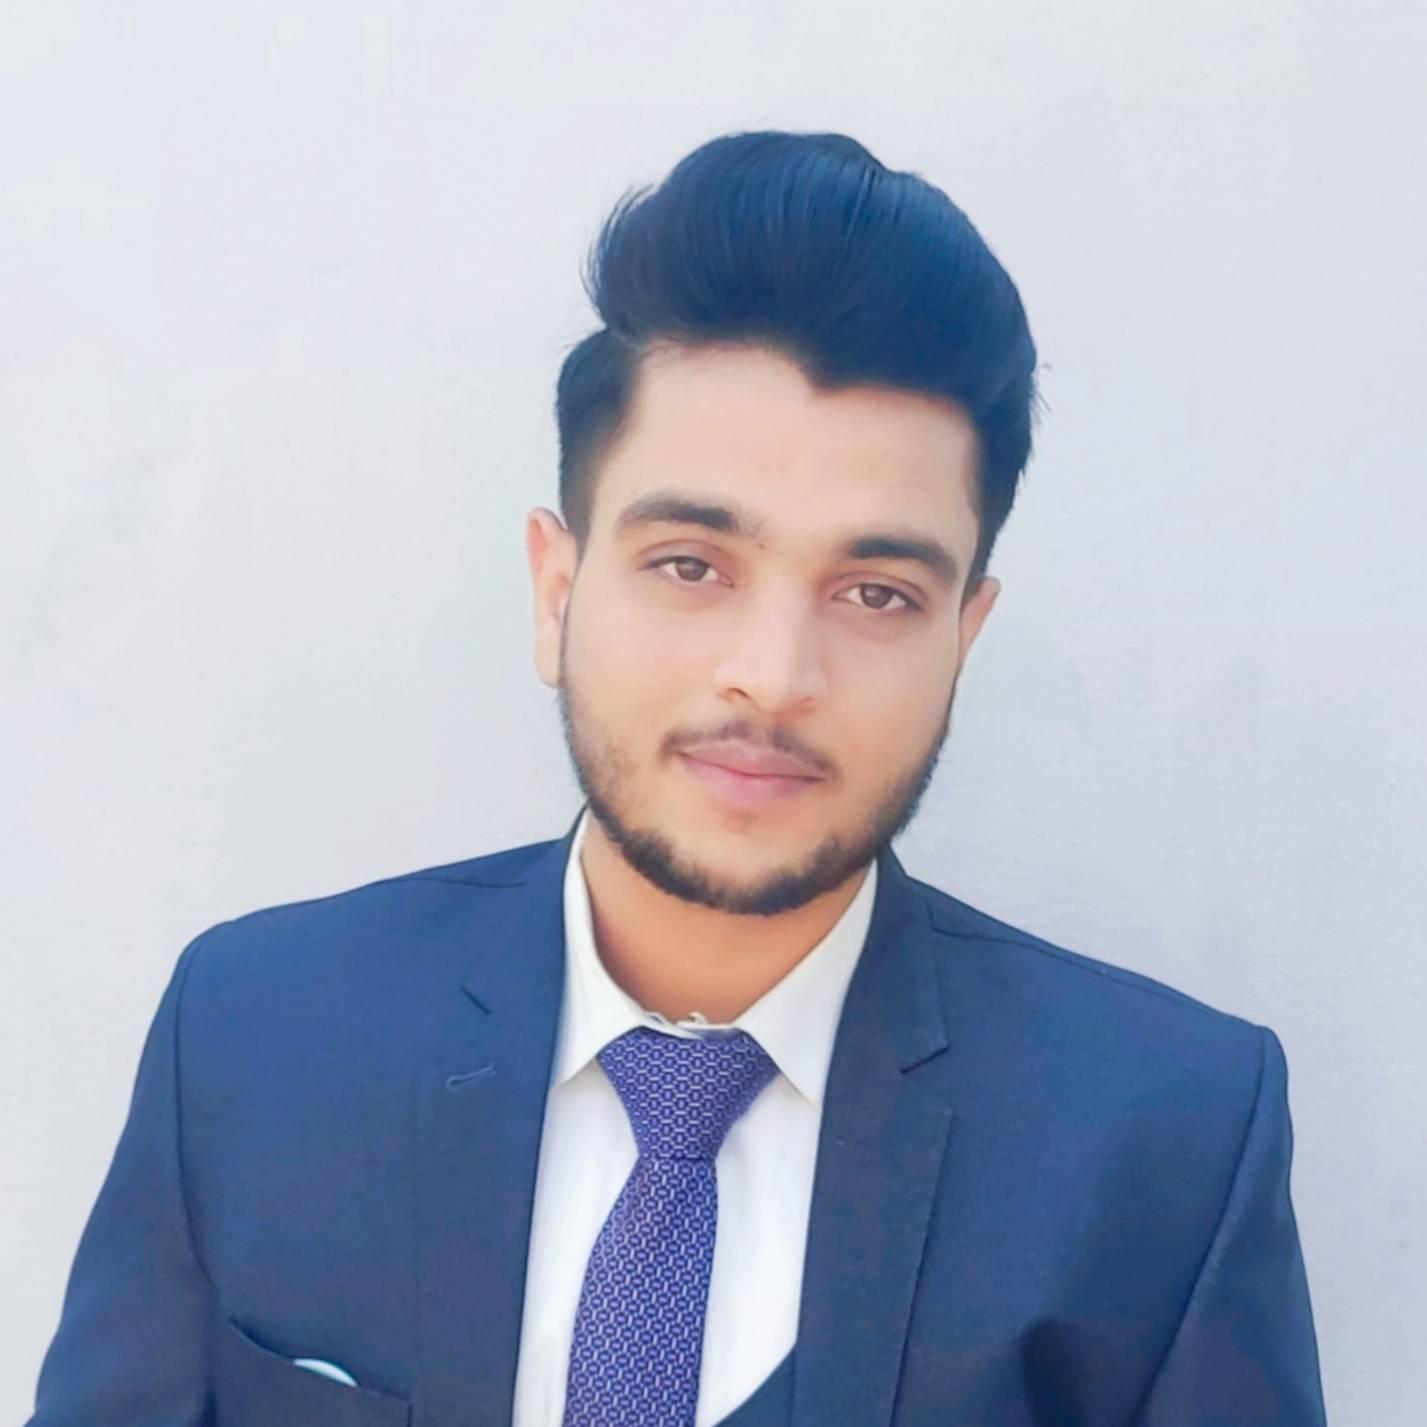 Arbaz Fiaz